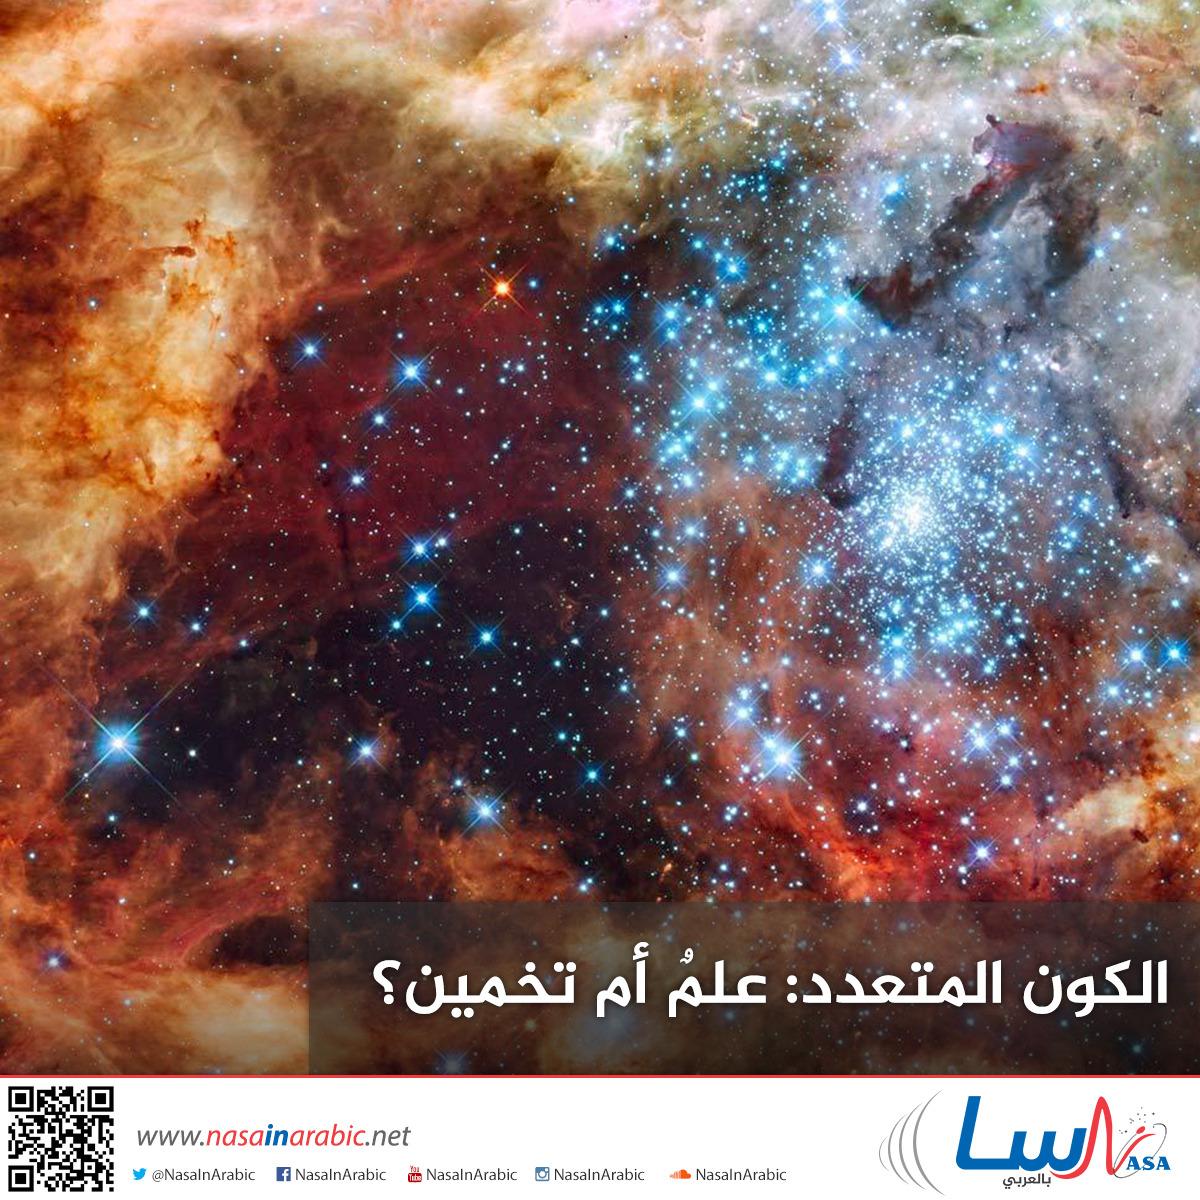 الكون المتعدد: علمٌ أم تخمين؟